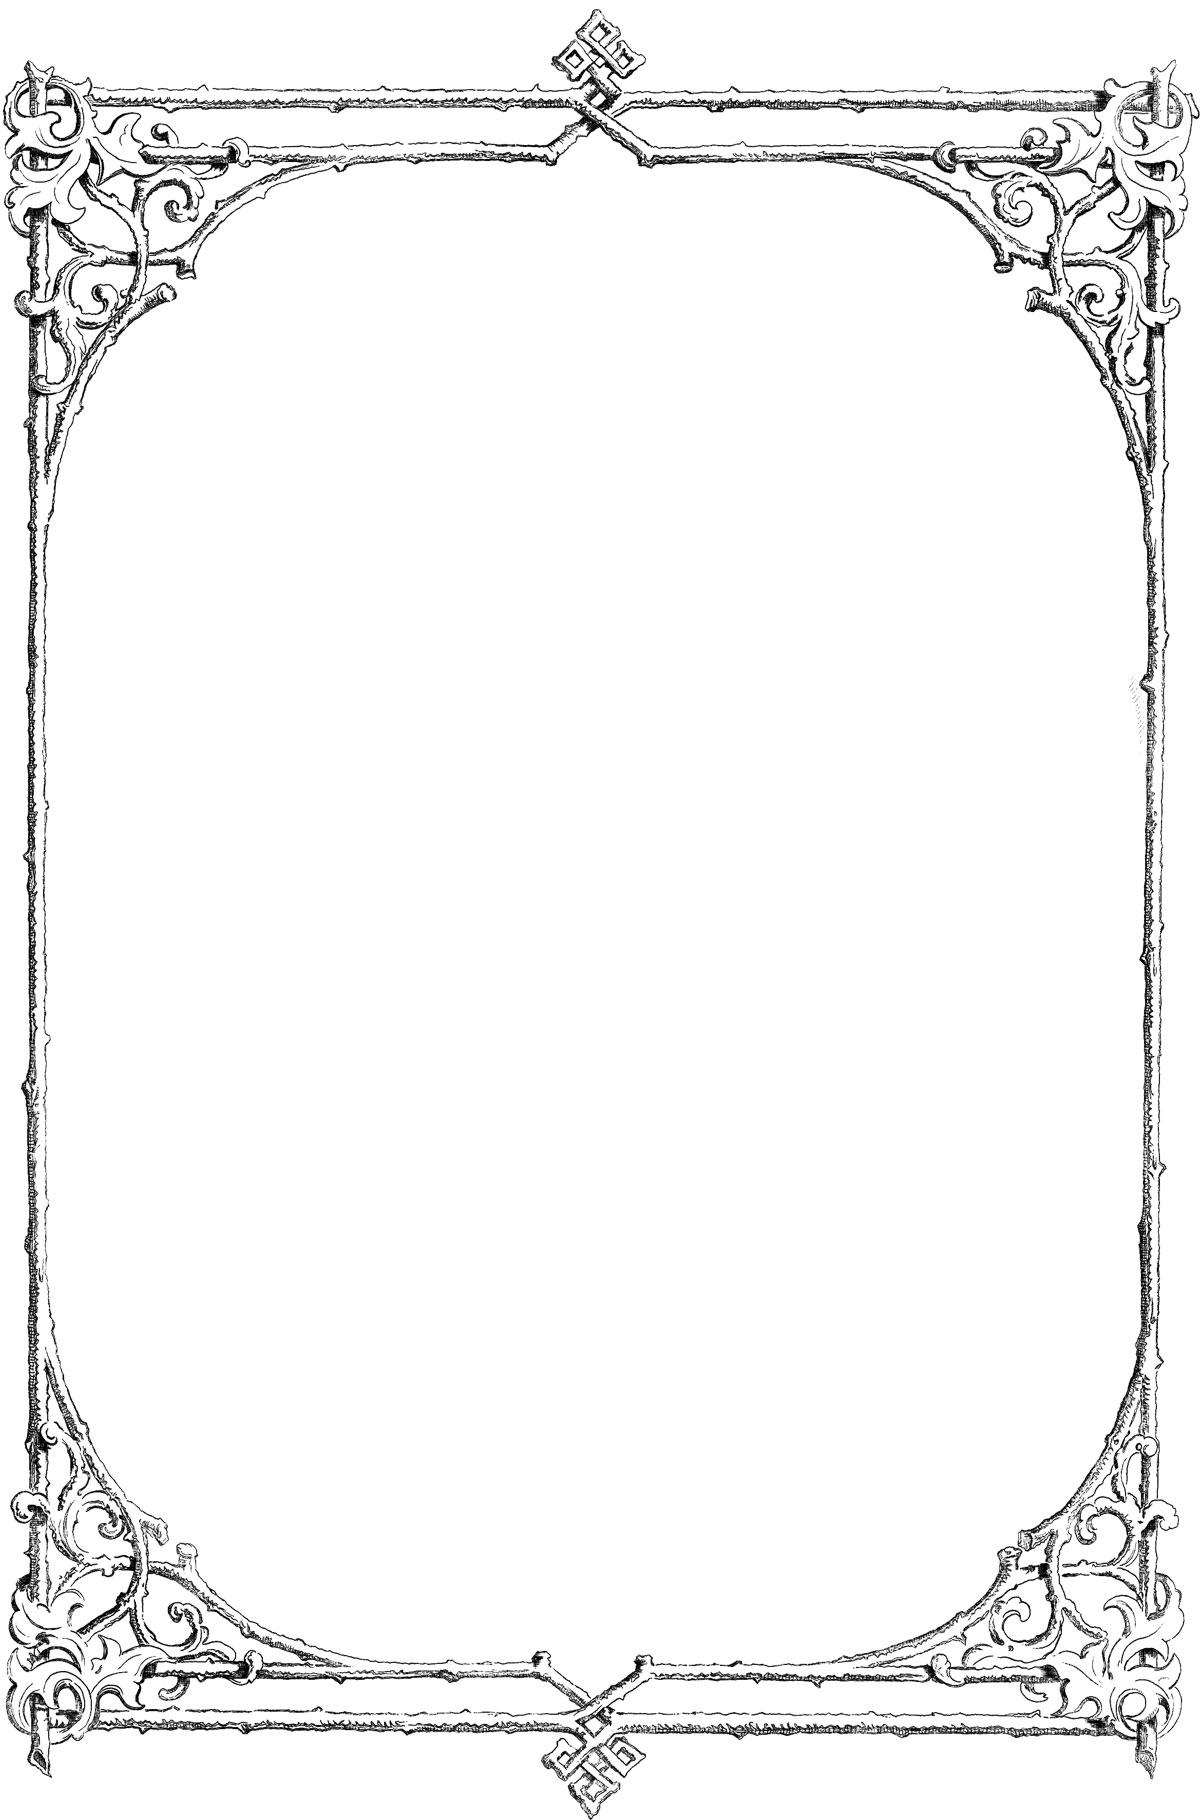 葉っぱ・草木のイラスト・フリー素材/フレーム枠no.104『白黒